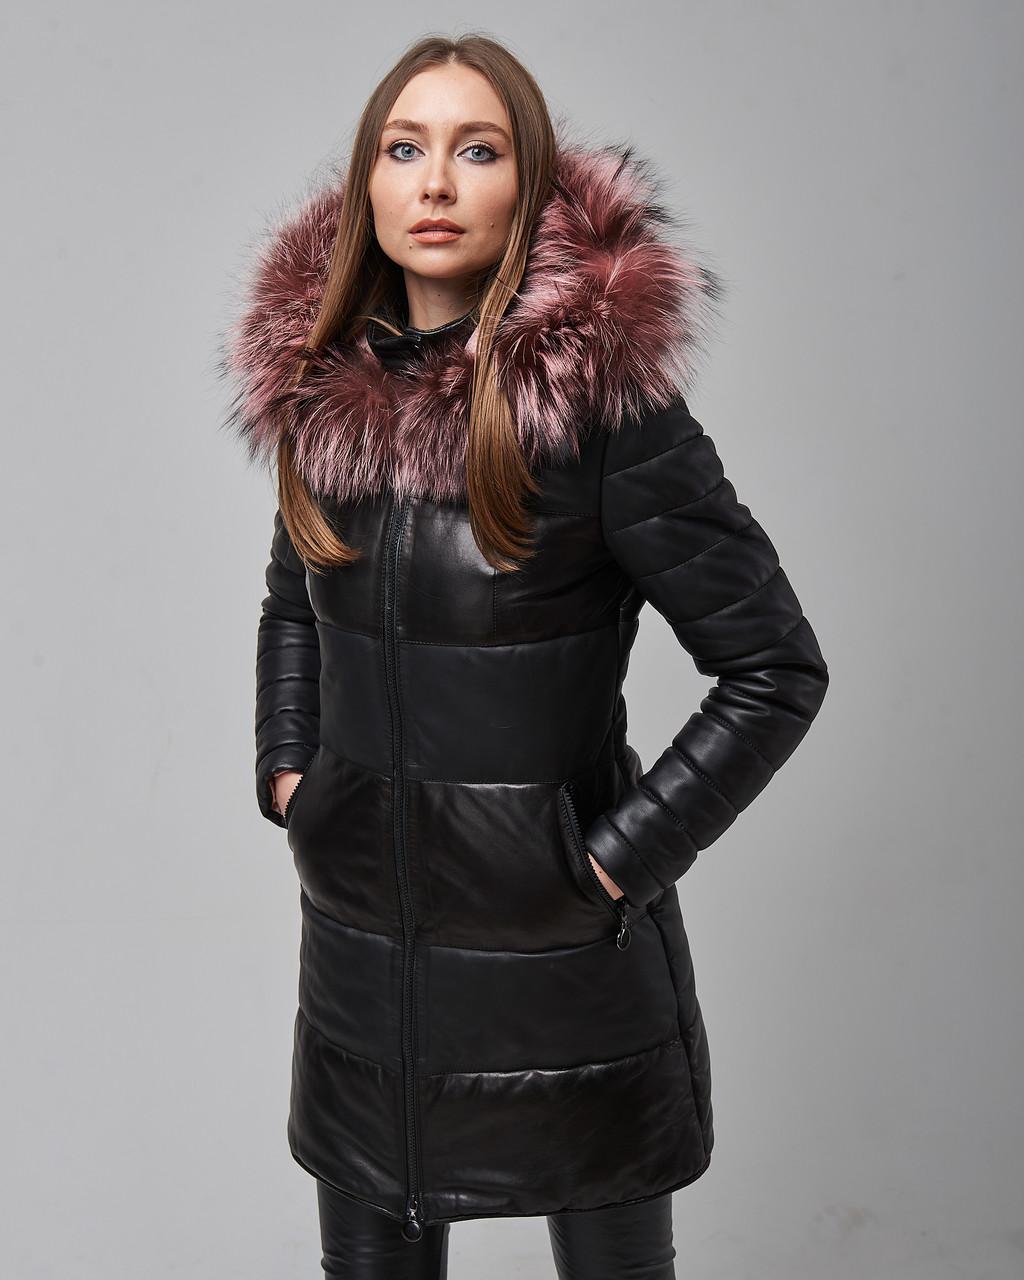 Женская теплая кожаная куртка черная с капюшоном на меху. Турция